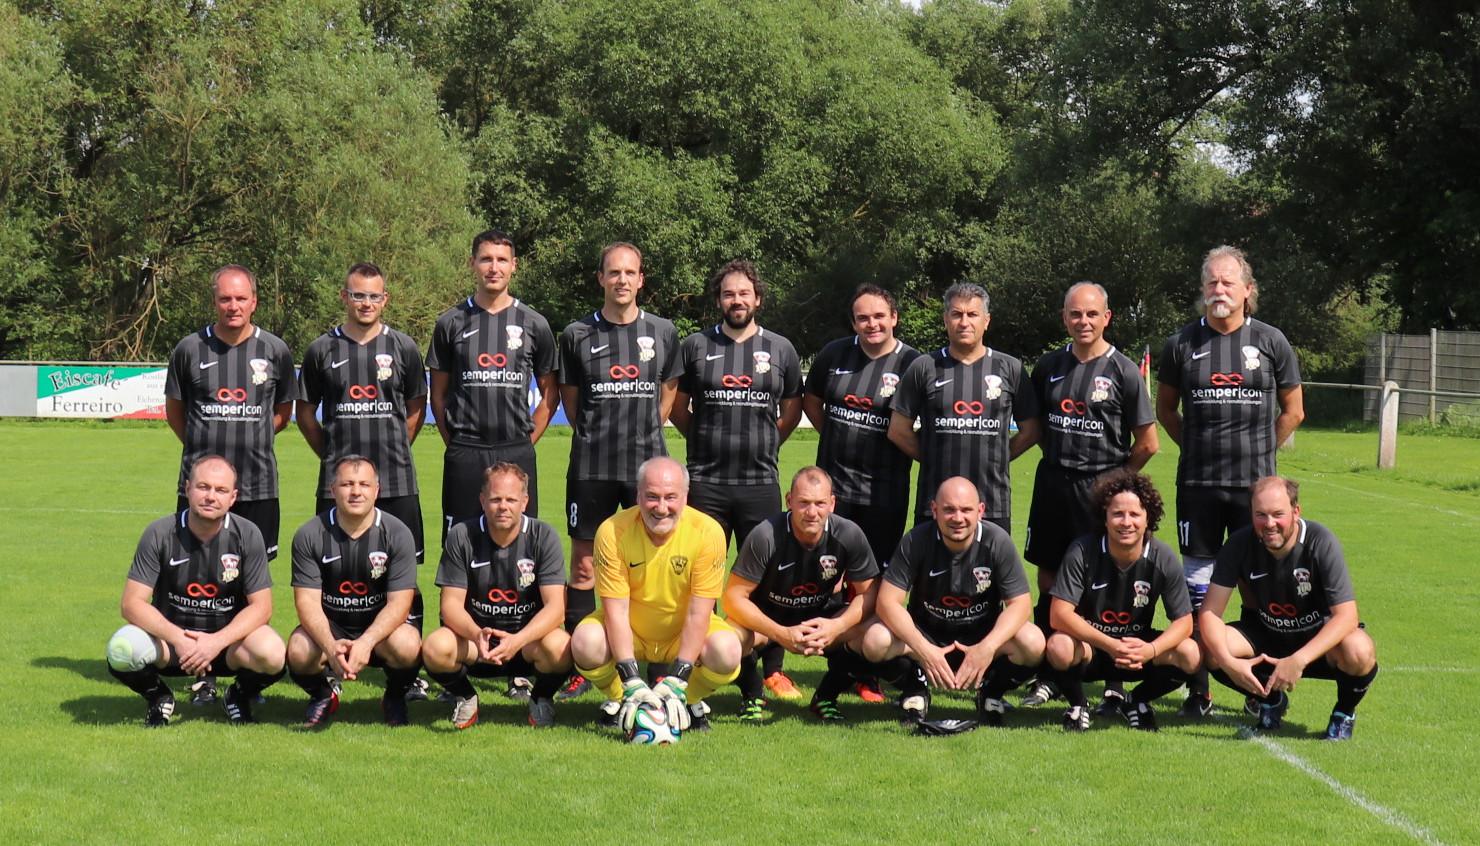 Alte Herren am 15.06.2019 vor dem dem Spiel gegen die Offenbacher Kickers